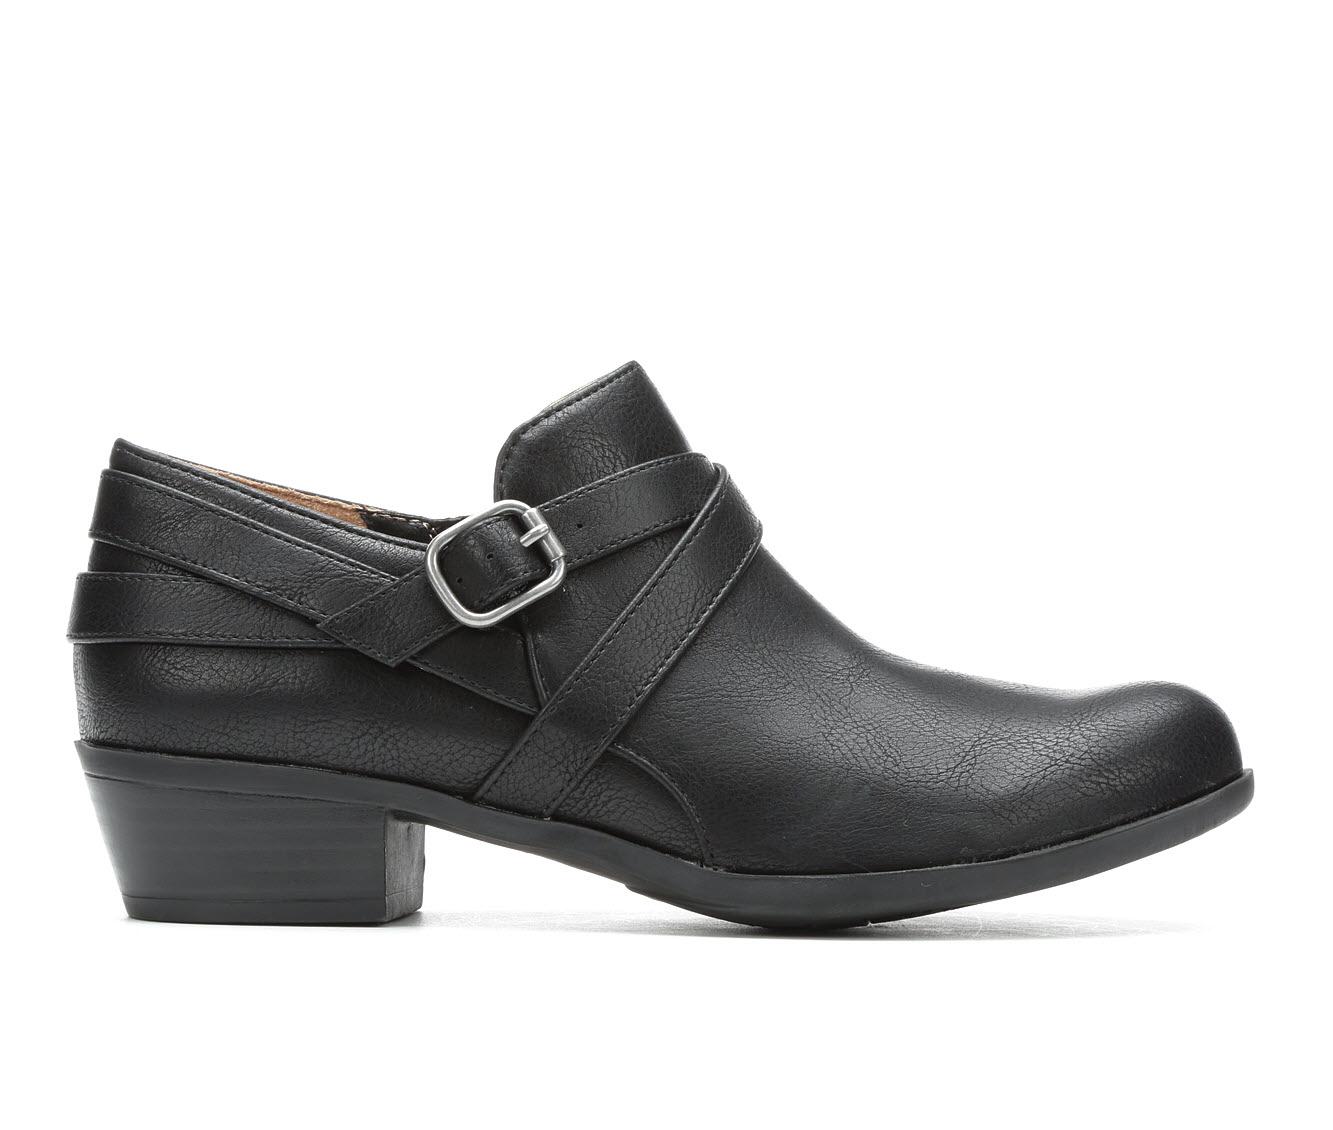 LifeStride Adley Women's Shoe (Black Faux Leather)